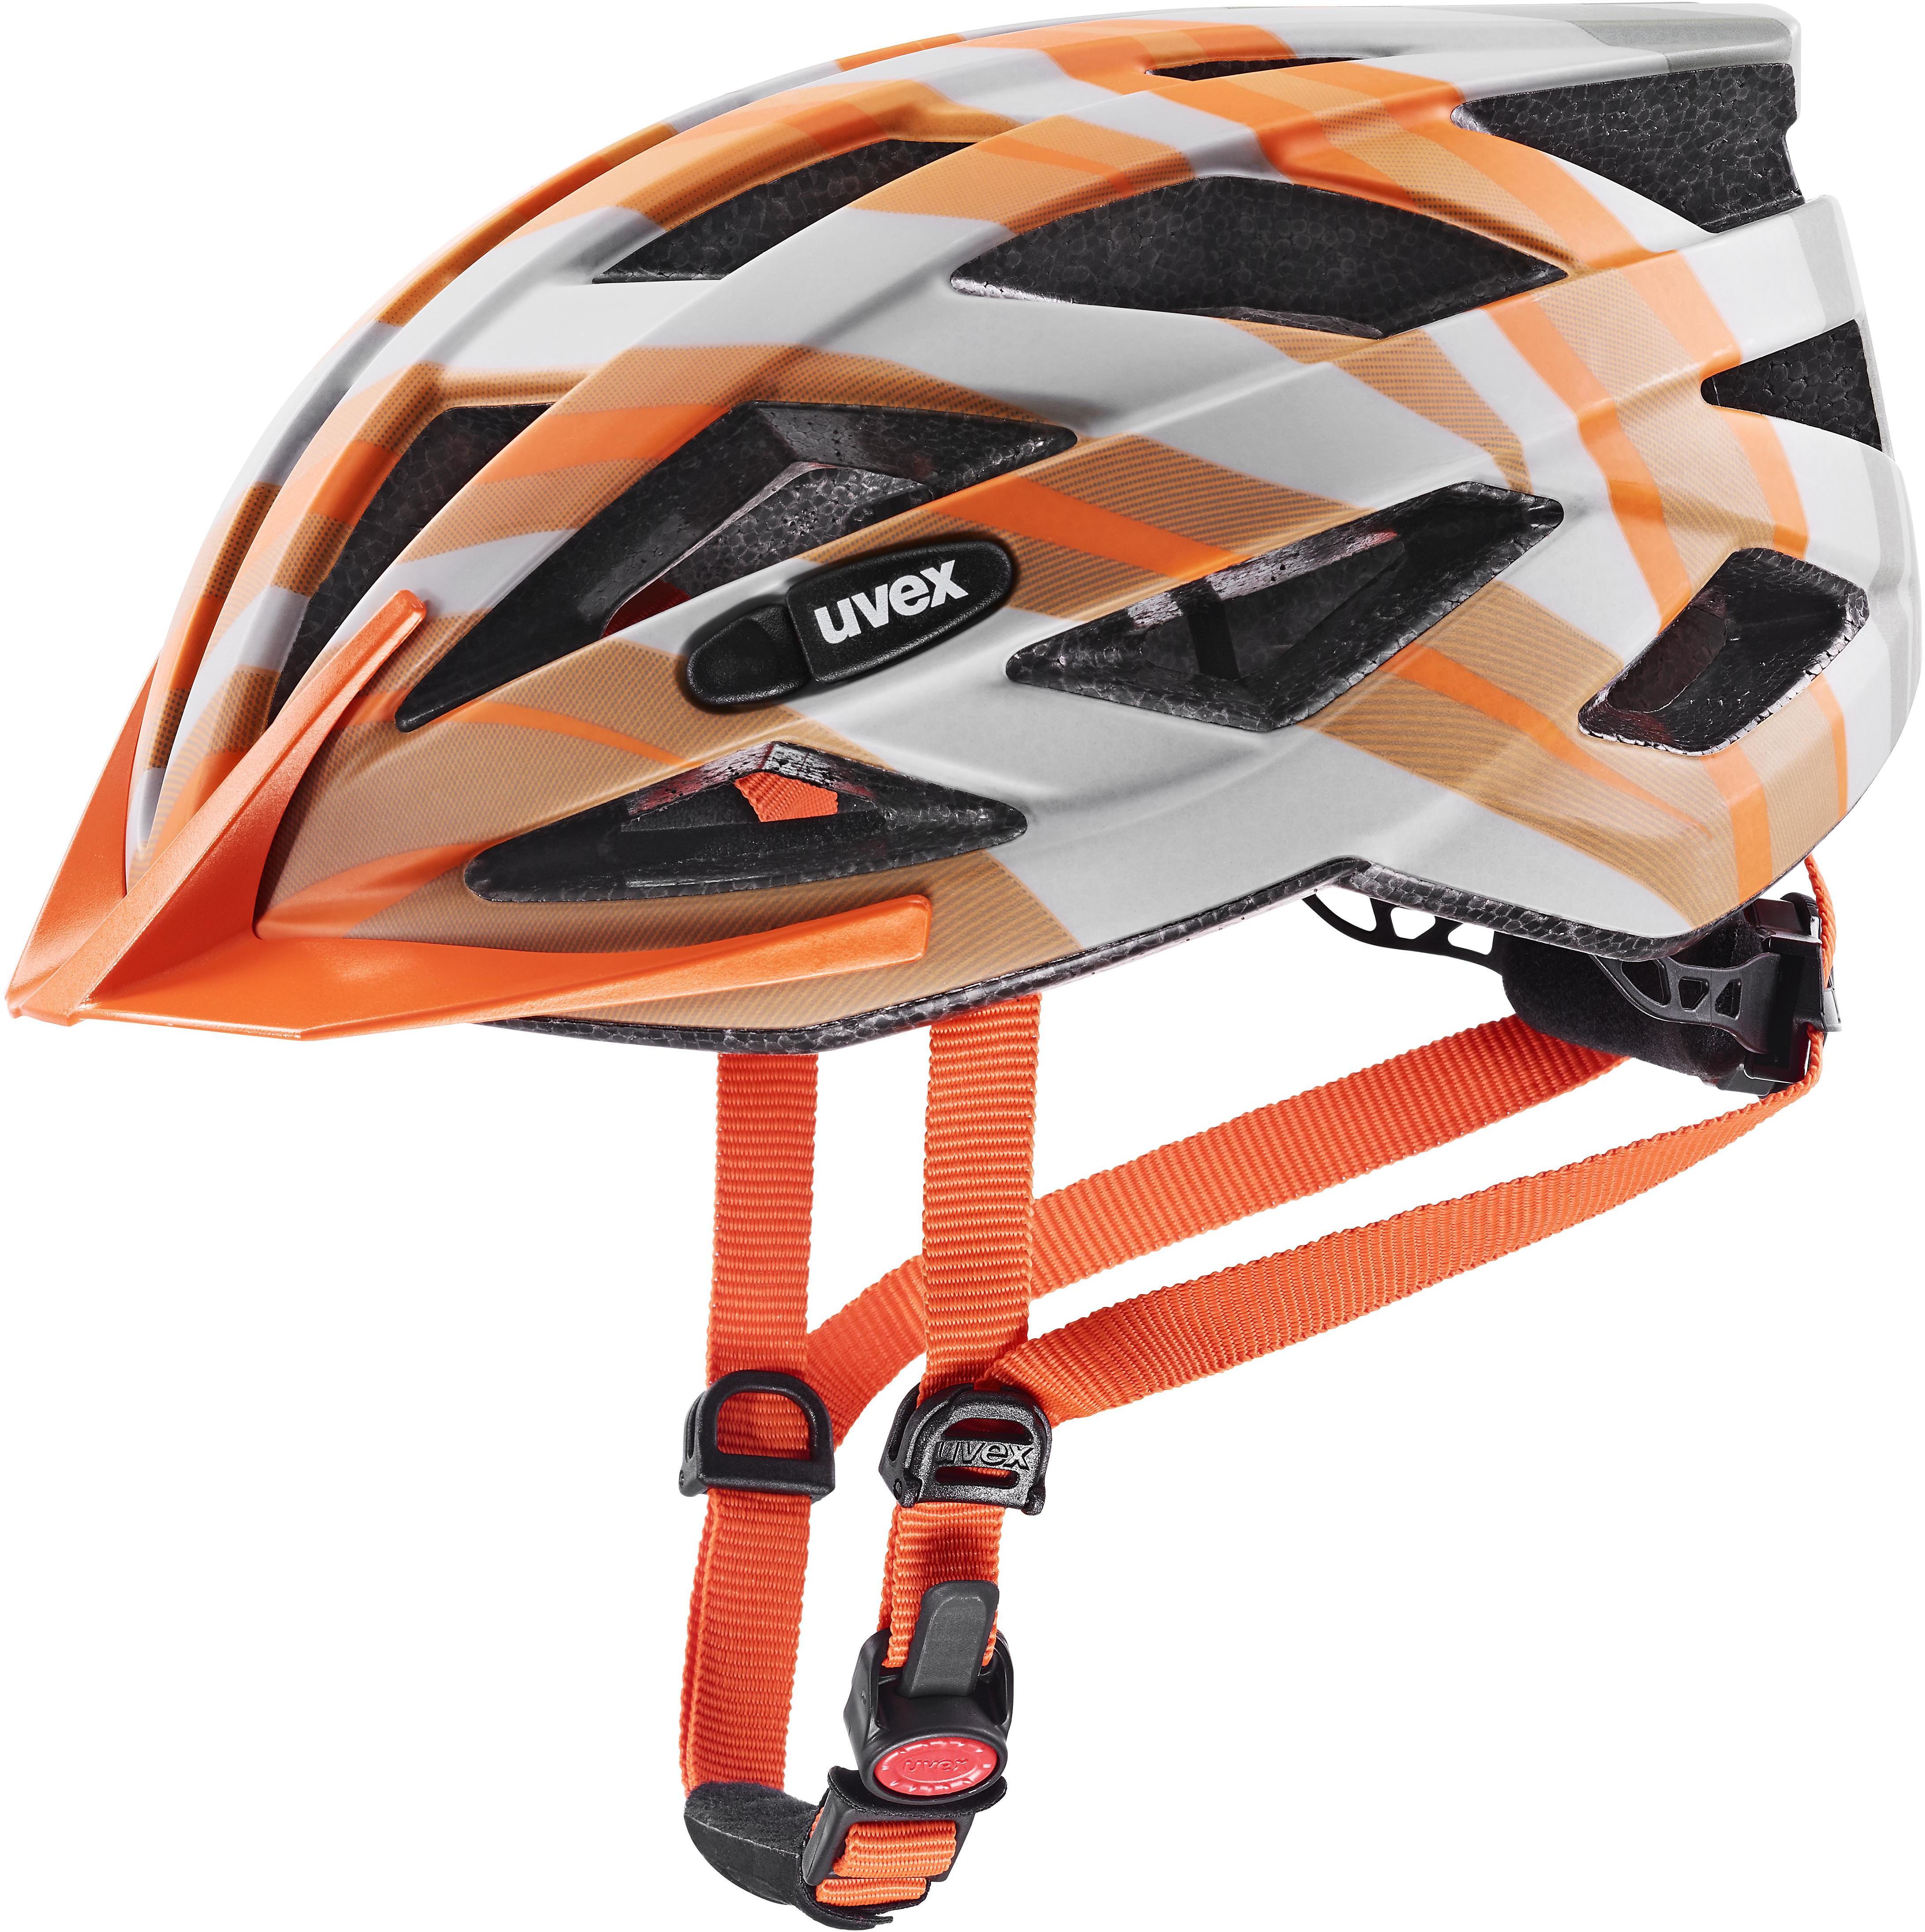 Uvex Air Wing Cc Helm Kinder Grey Orange Matt Online Bei Bikester Ch